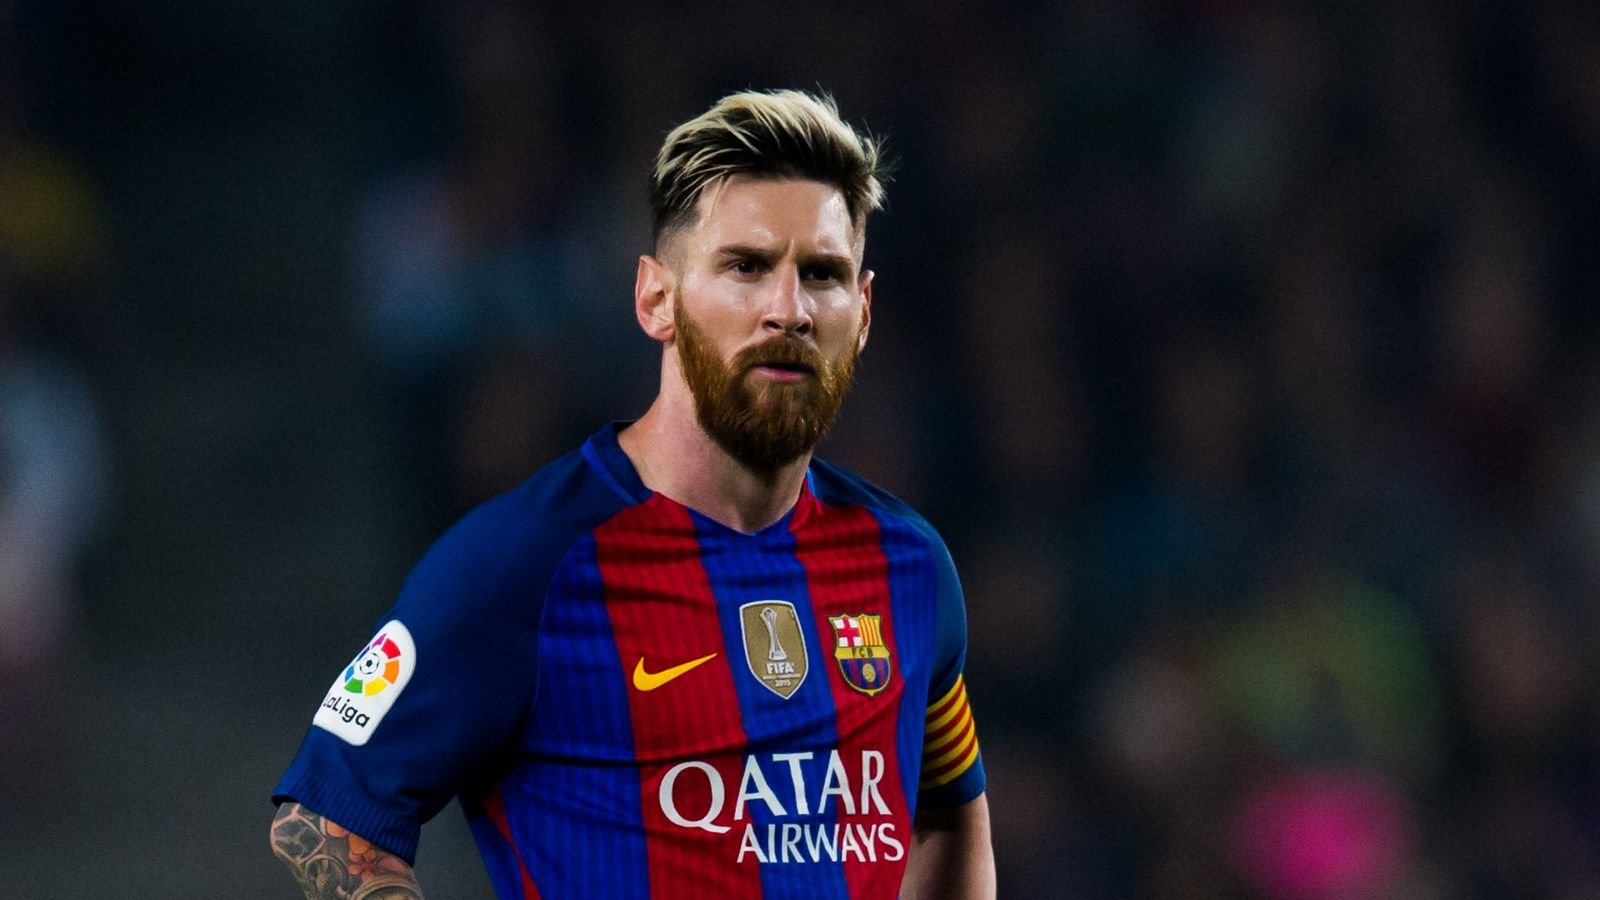 لاعب نادي برشلونة الشهير